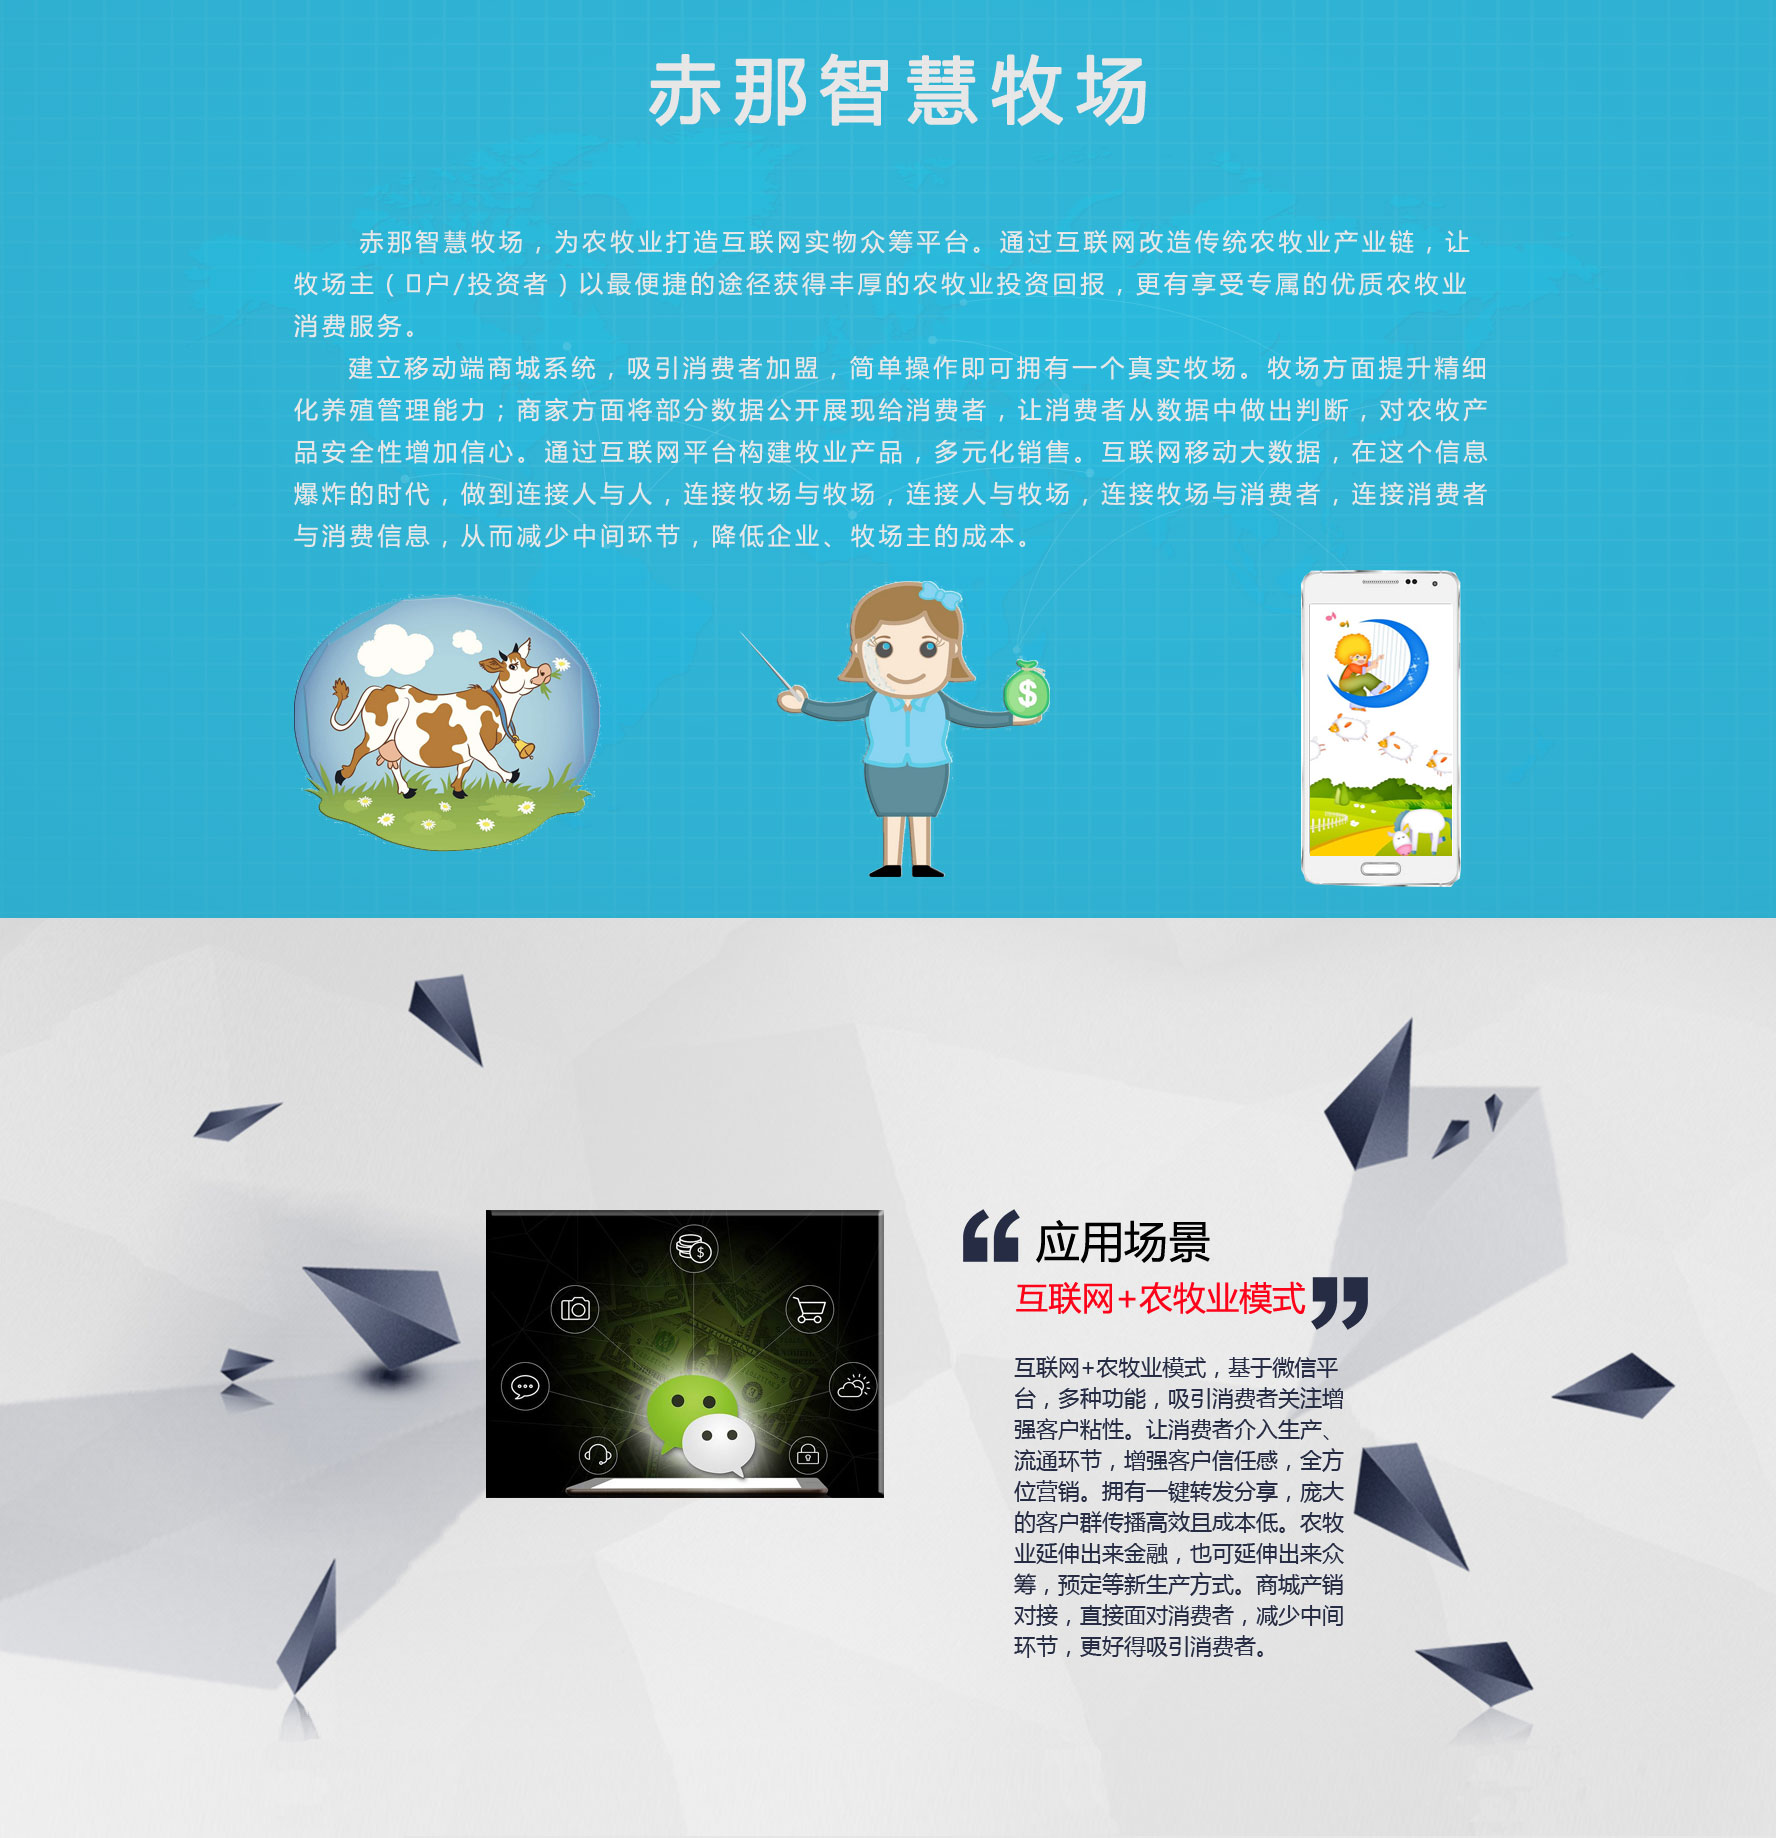 微擎微赞模块智慧牧场V1.8.5-渔枫源码分享网